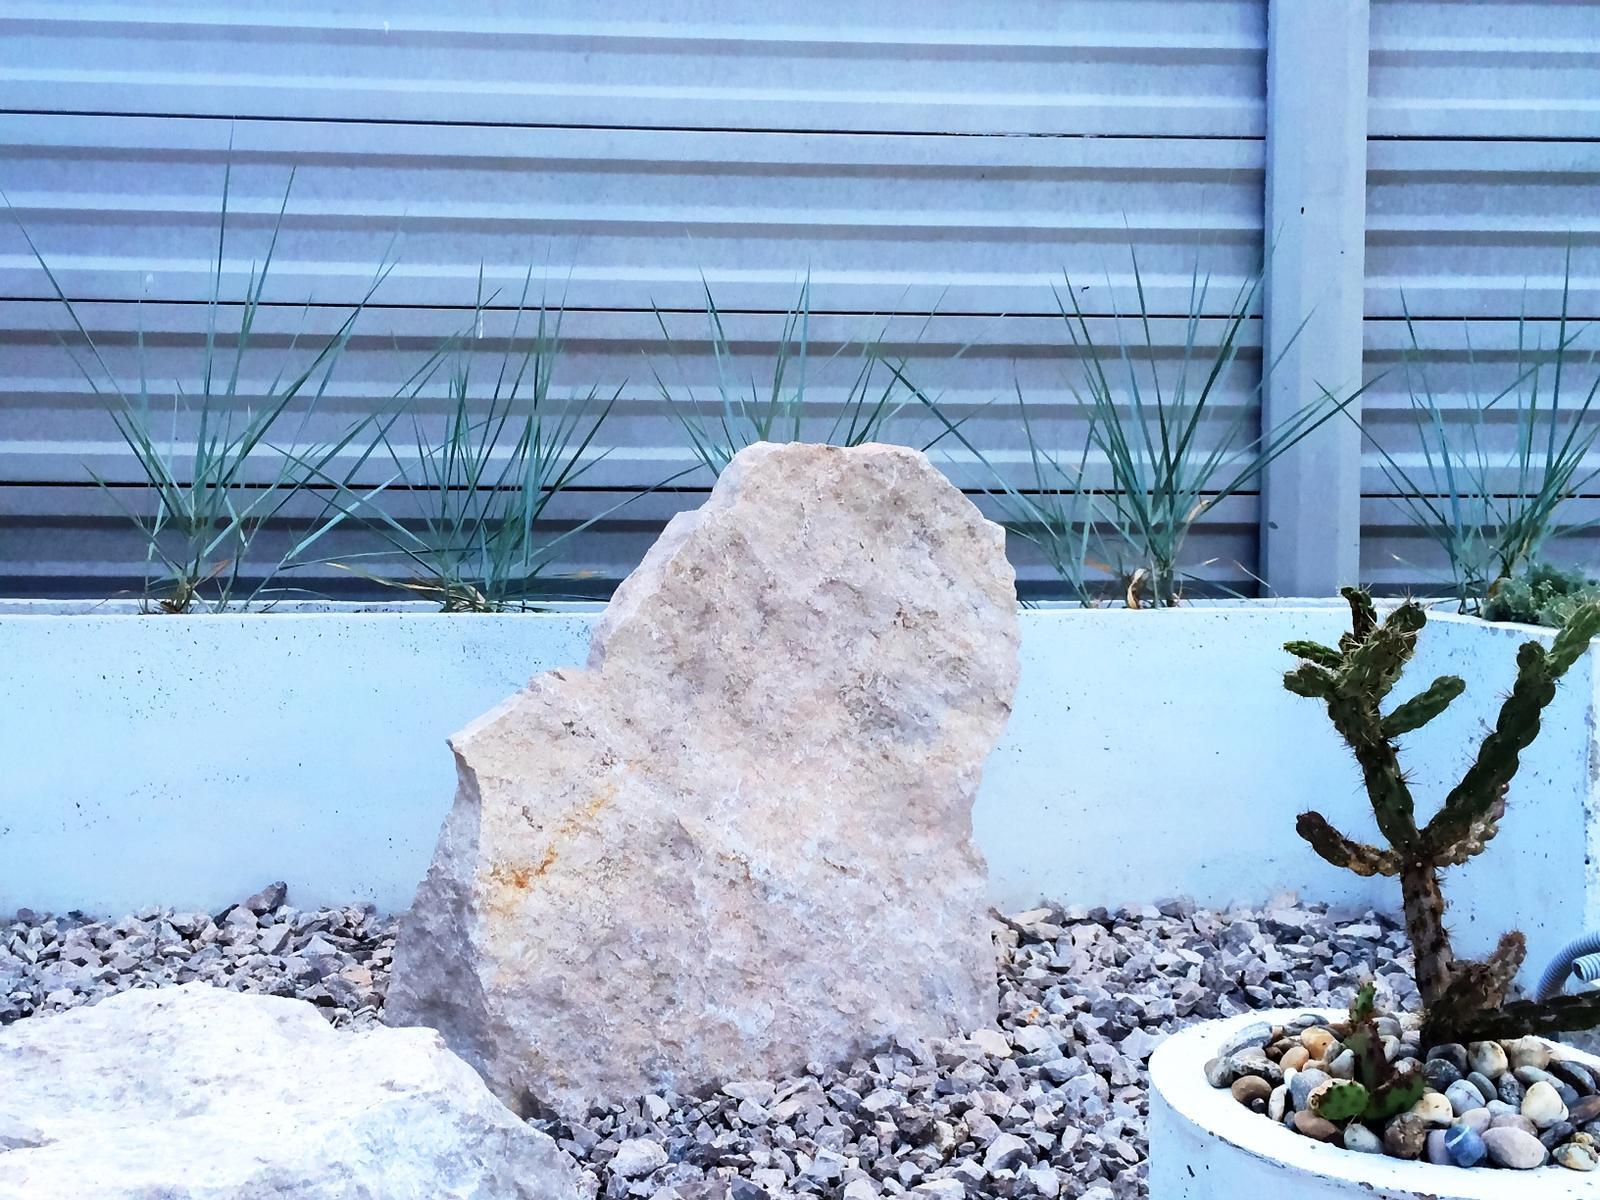 Modern Garden Linear324 - naša prímorská - nasiel som ju :)) okrasna trava ktora rastie do modro-siva... vyska cca 50-60cm, vysadime cely zadny kochlik... opat nieco primorske aspon vizualom k nam pribudne :) LEYMUS ARENARIUS BLUE DANCE